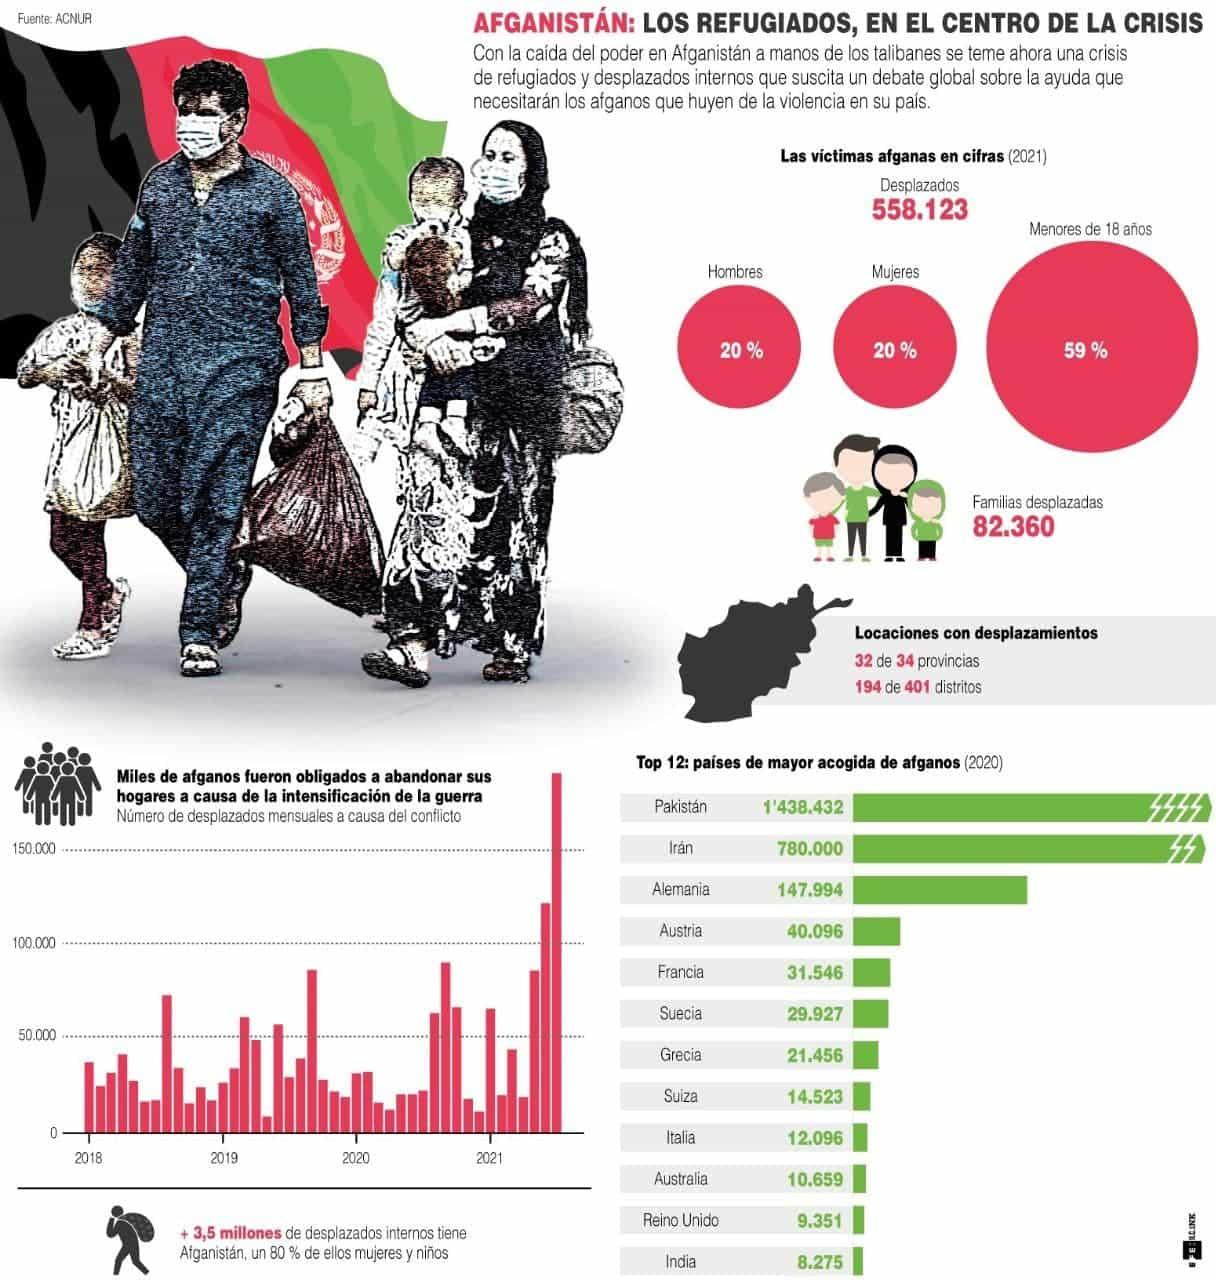 [Infografía] Afganistán: los refugiados, en el centro de la crisis 1